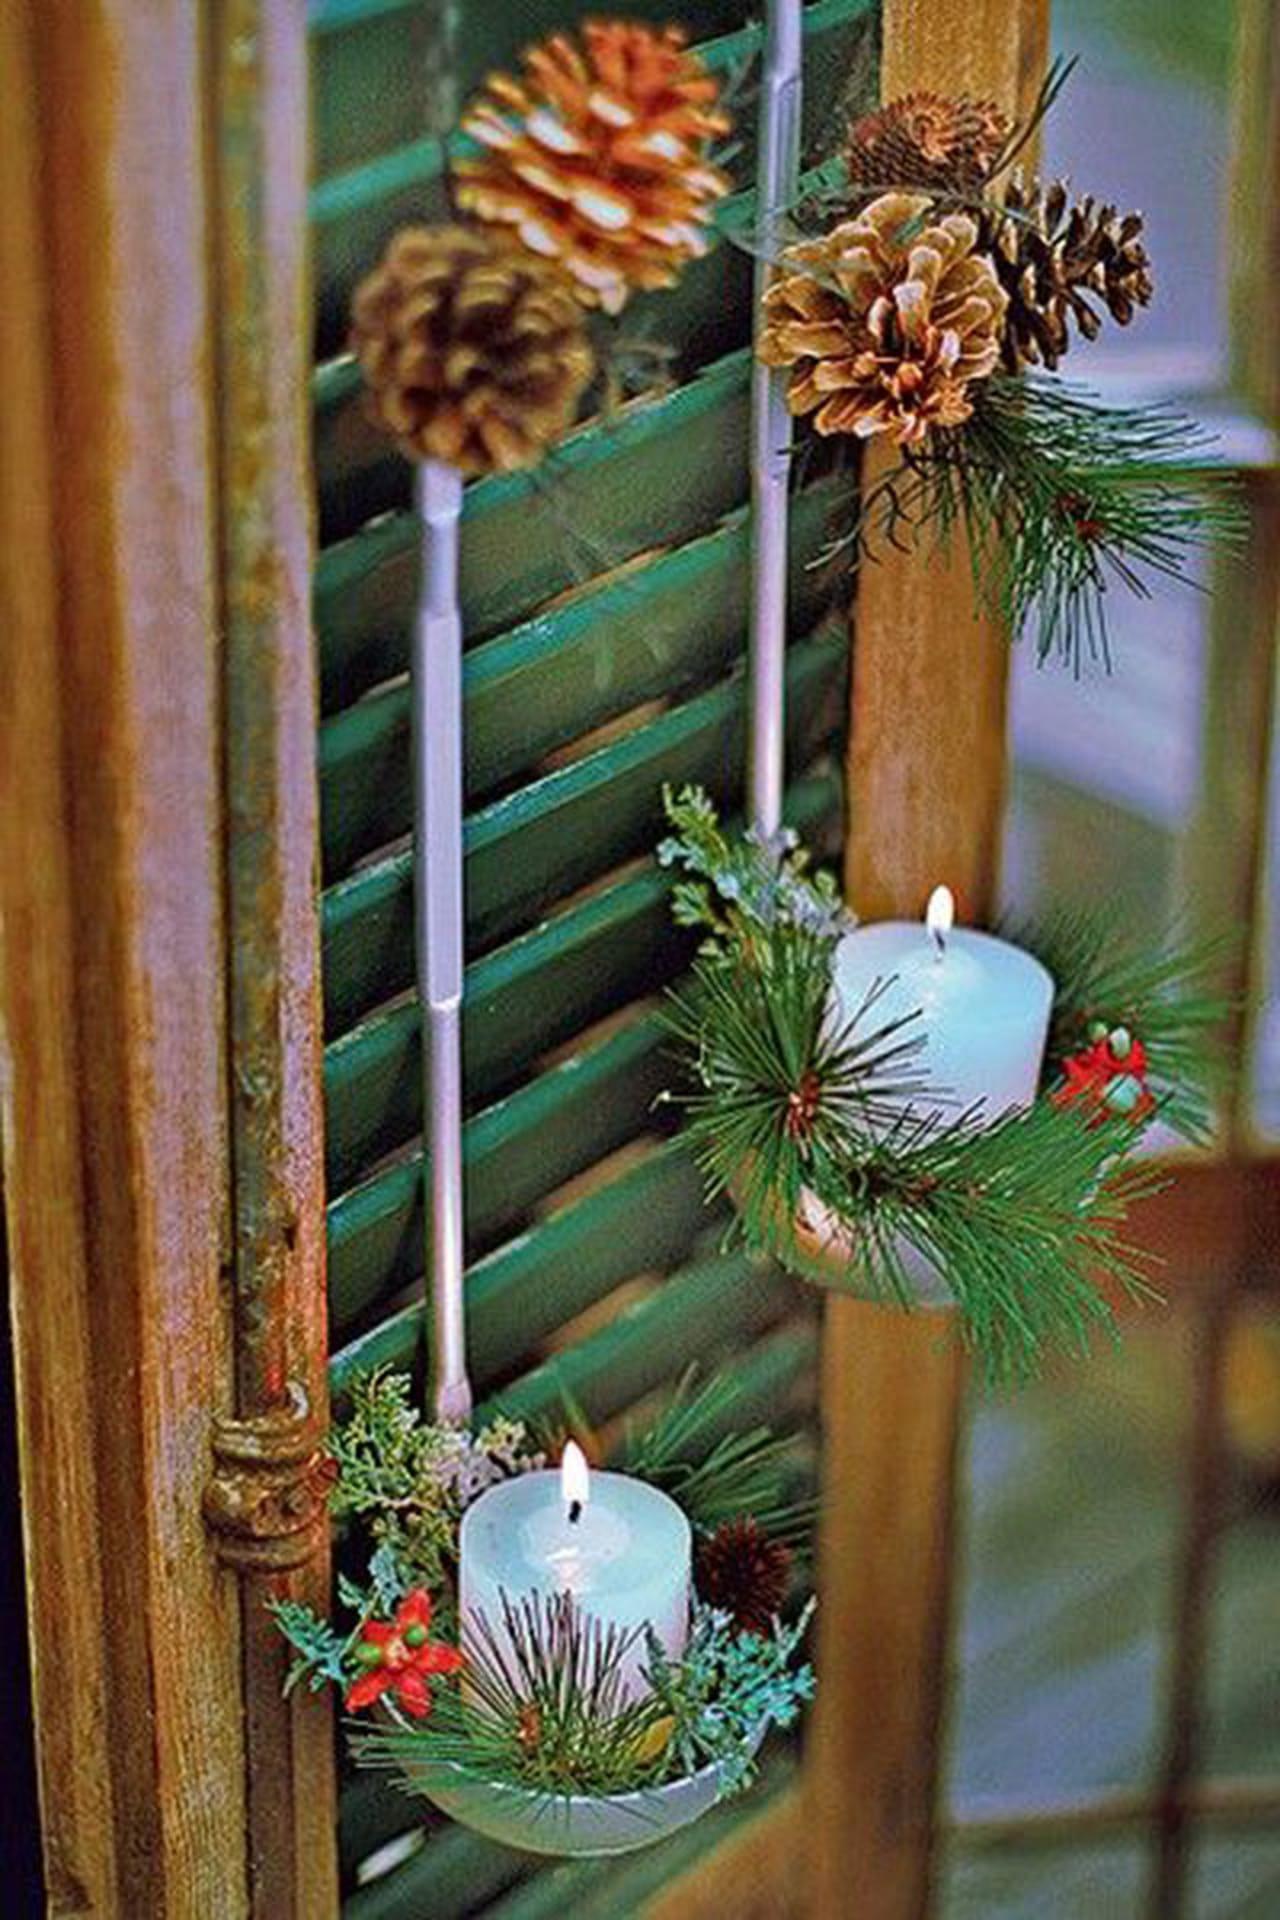 #6D411D Conchas de feijão ganham nova conotação em arranjos de Natal. 1886 Janela De Aluminio Rudge Ramos